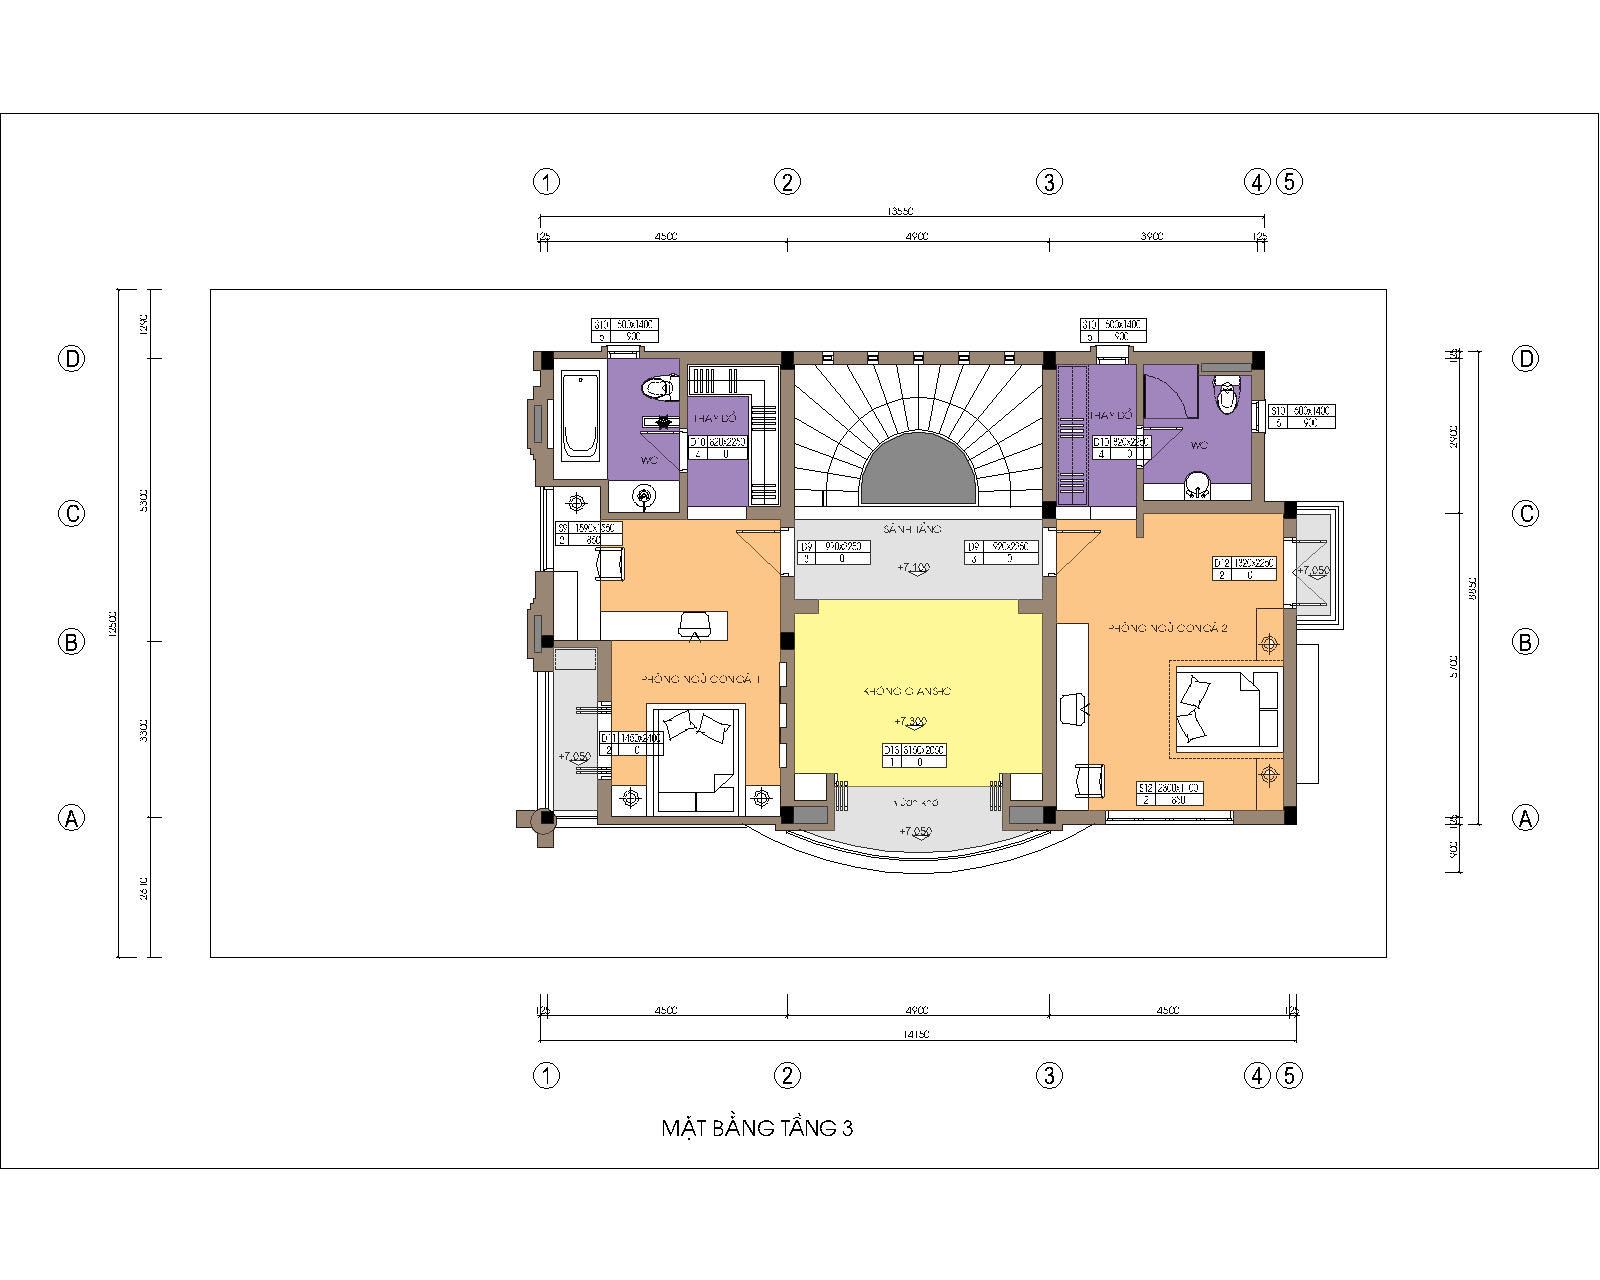 Biệt thự / nhà vườn 10x15m trên đất 13x22m - Mặt bằng tầng 3